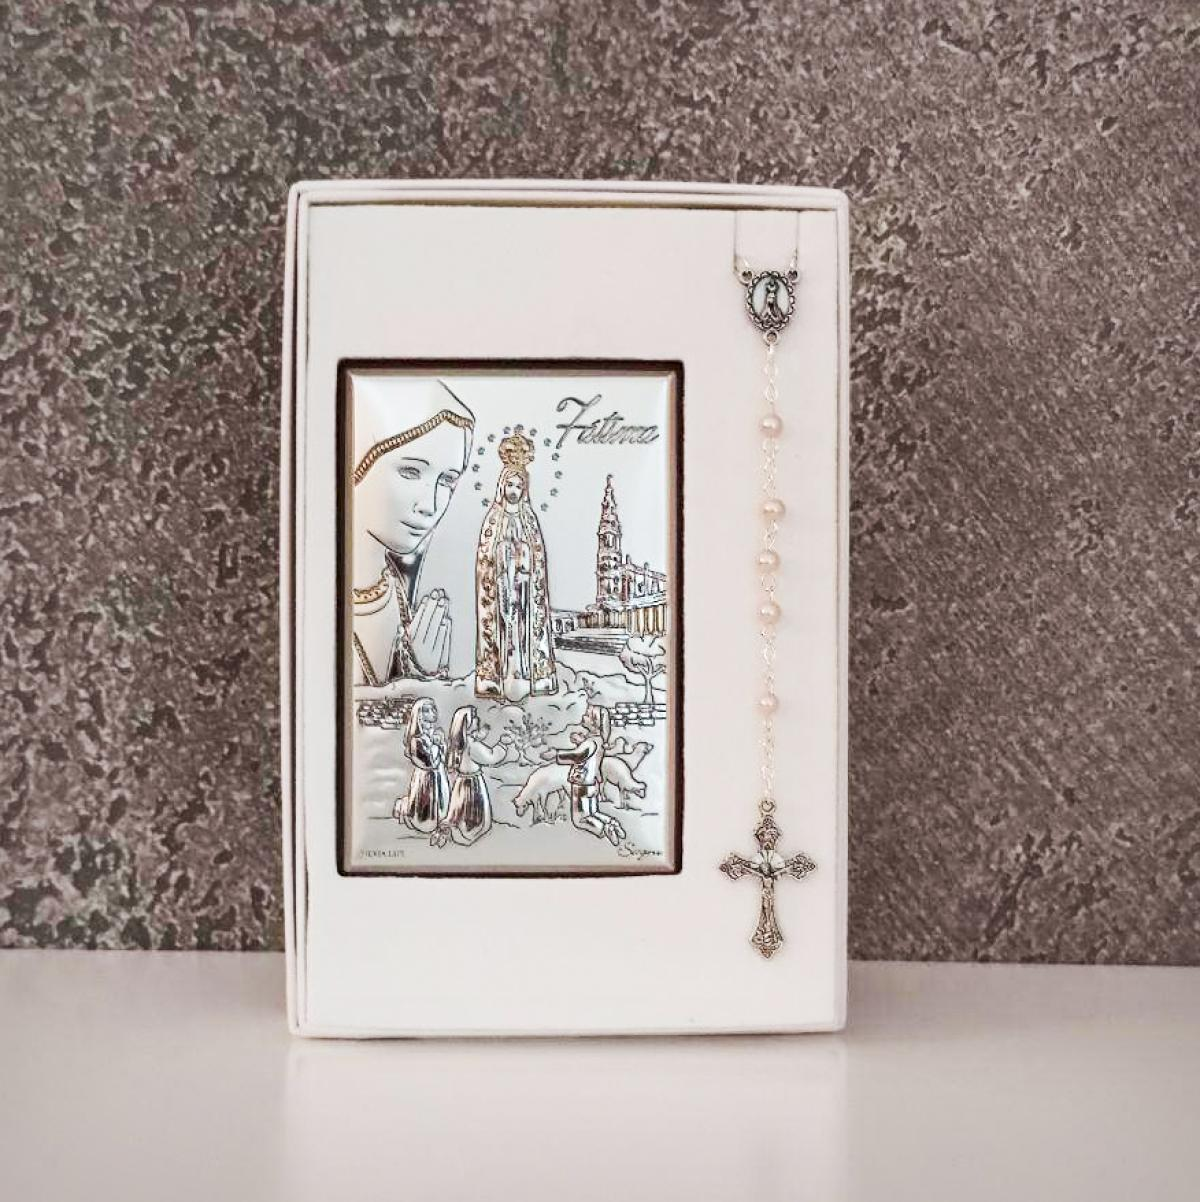 Подарунковий комплект до Першого Причастя ``Ікона Богородиці ``Фатіма`` та вервиця``